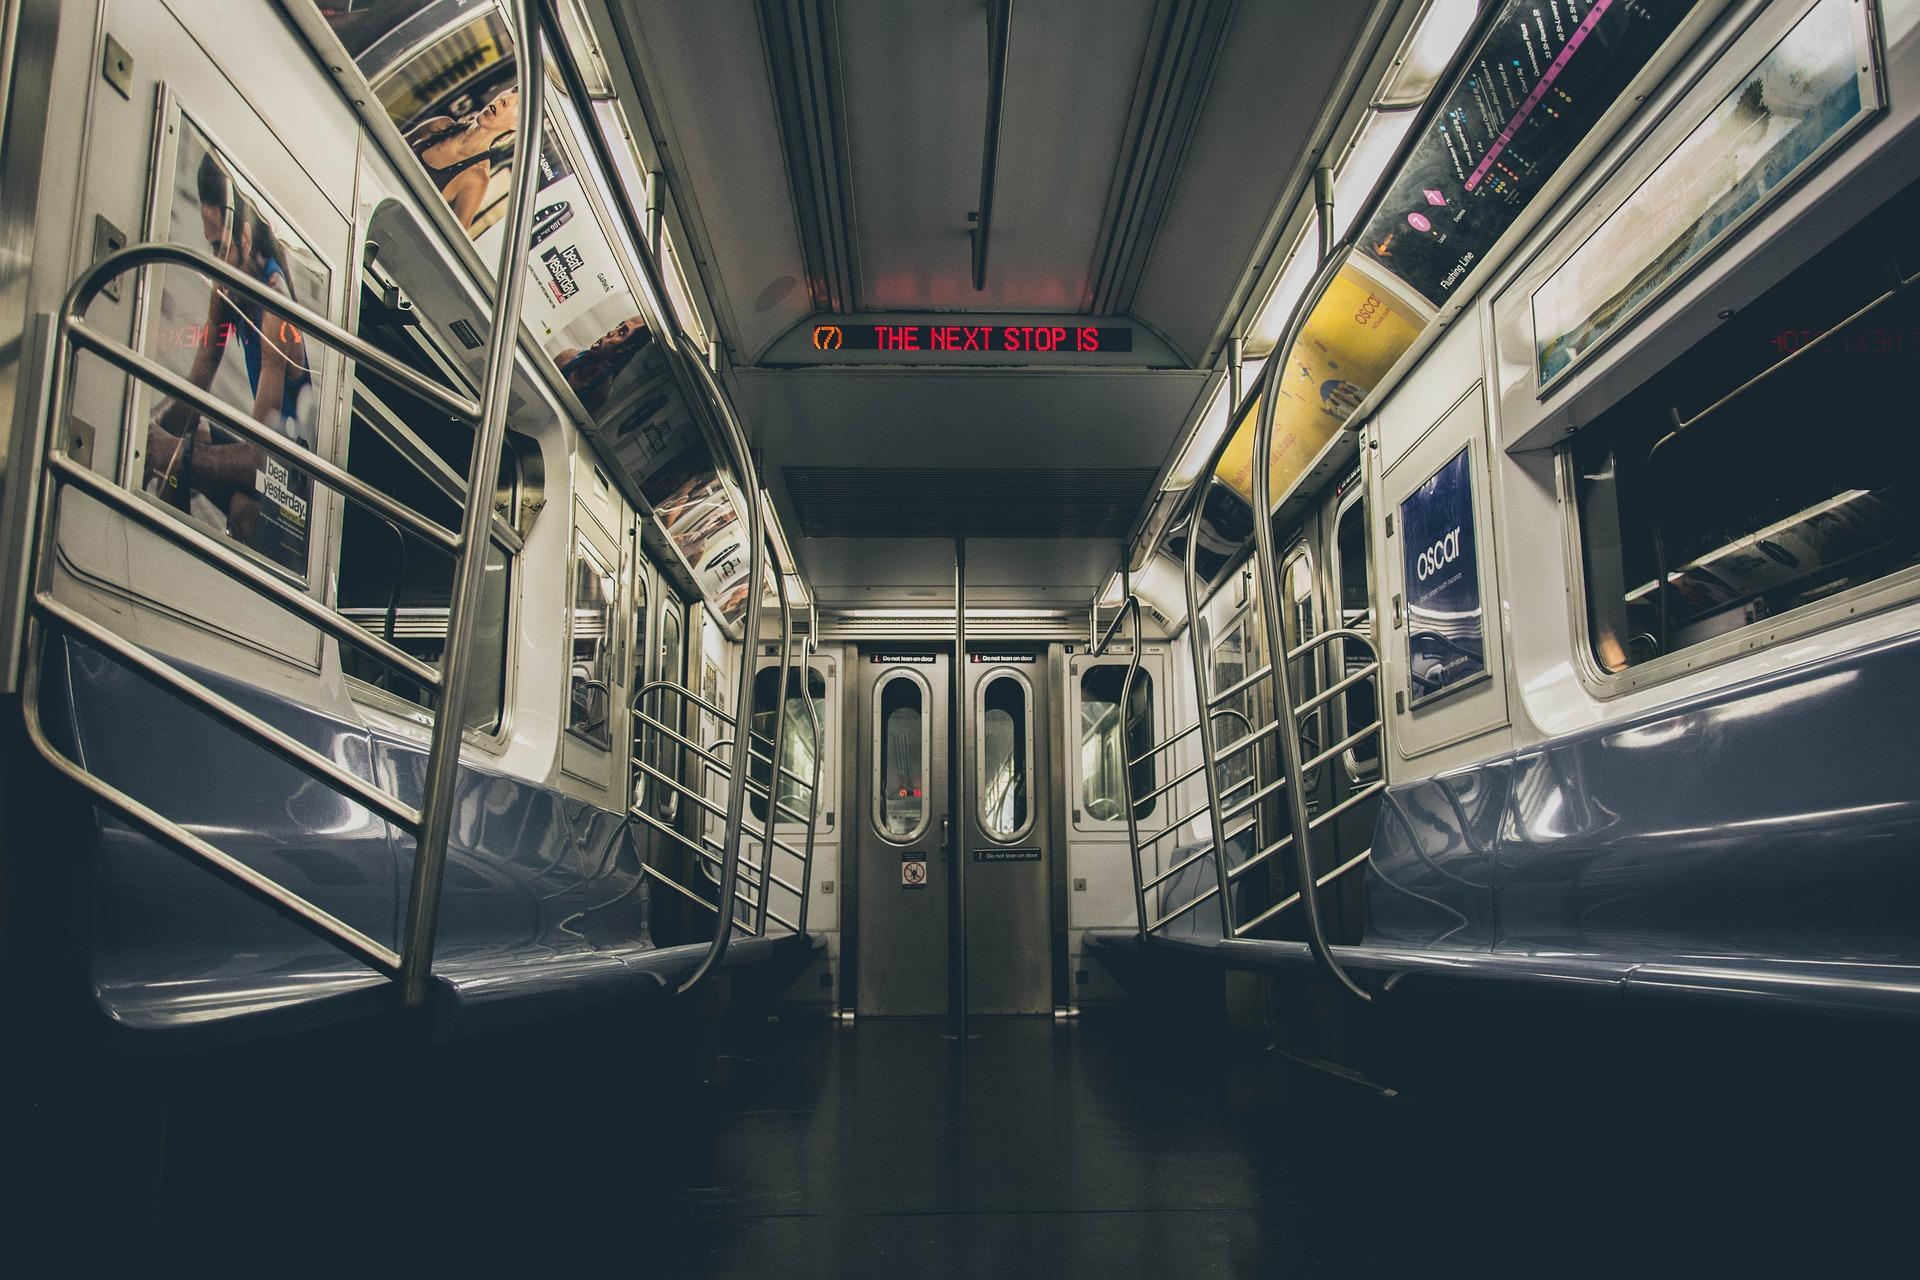 Lire dans les transports : une arme redoutable